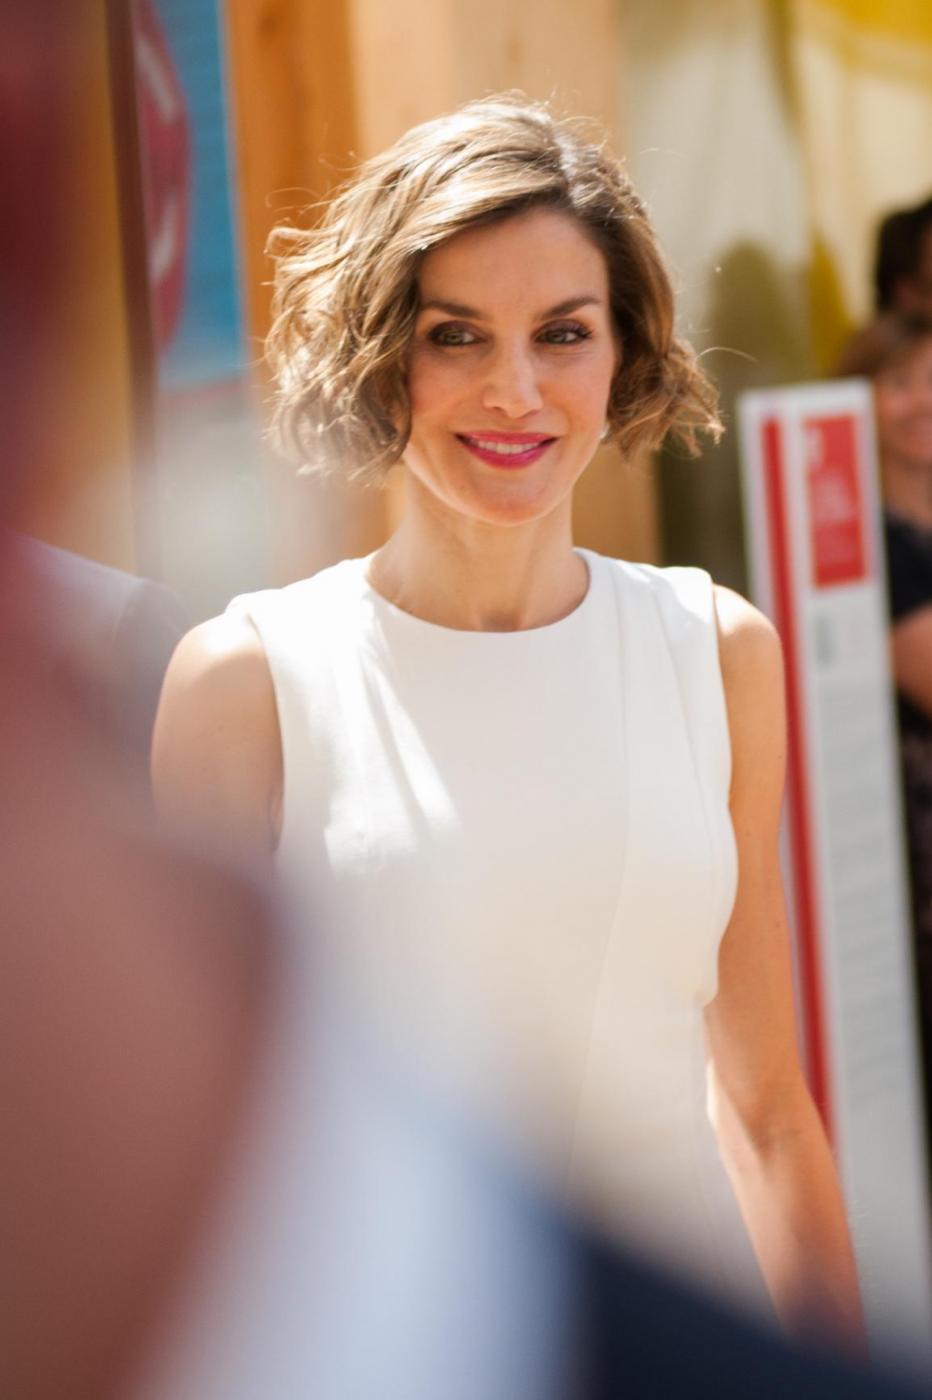 Letizia Ortiz di Spagna all'Expo sceglie ancora il total white 10